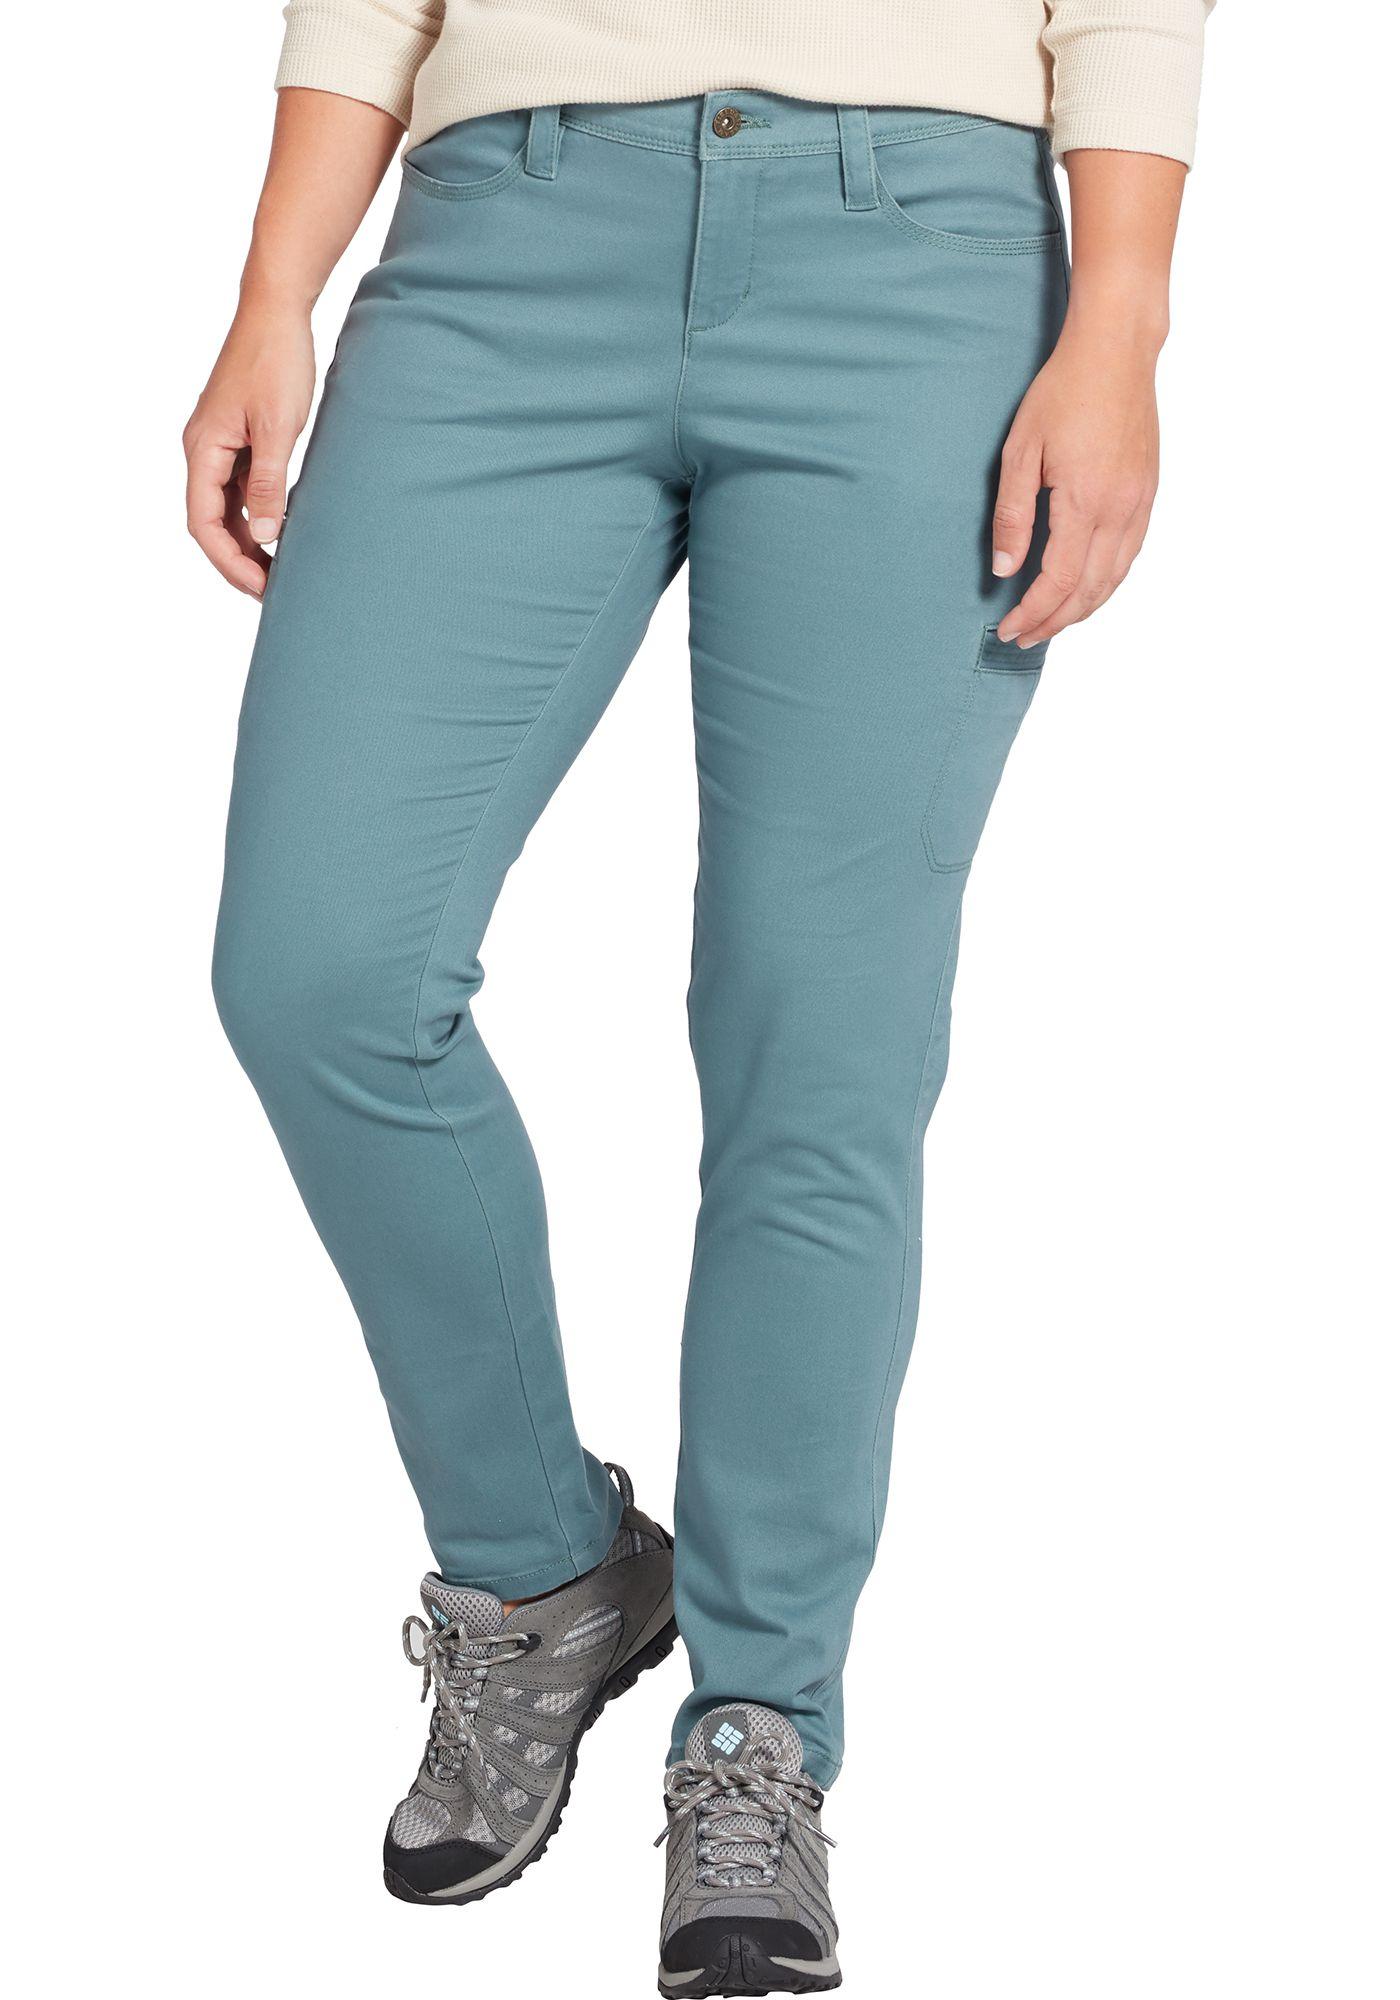 Field & Stream Women's Utility Pants